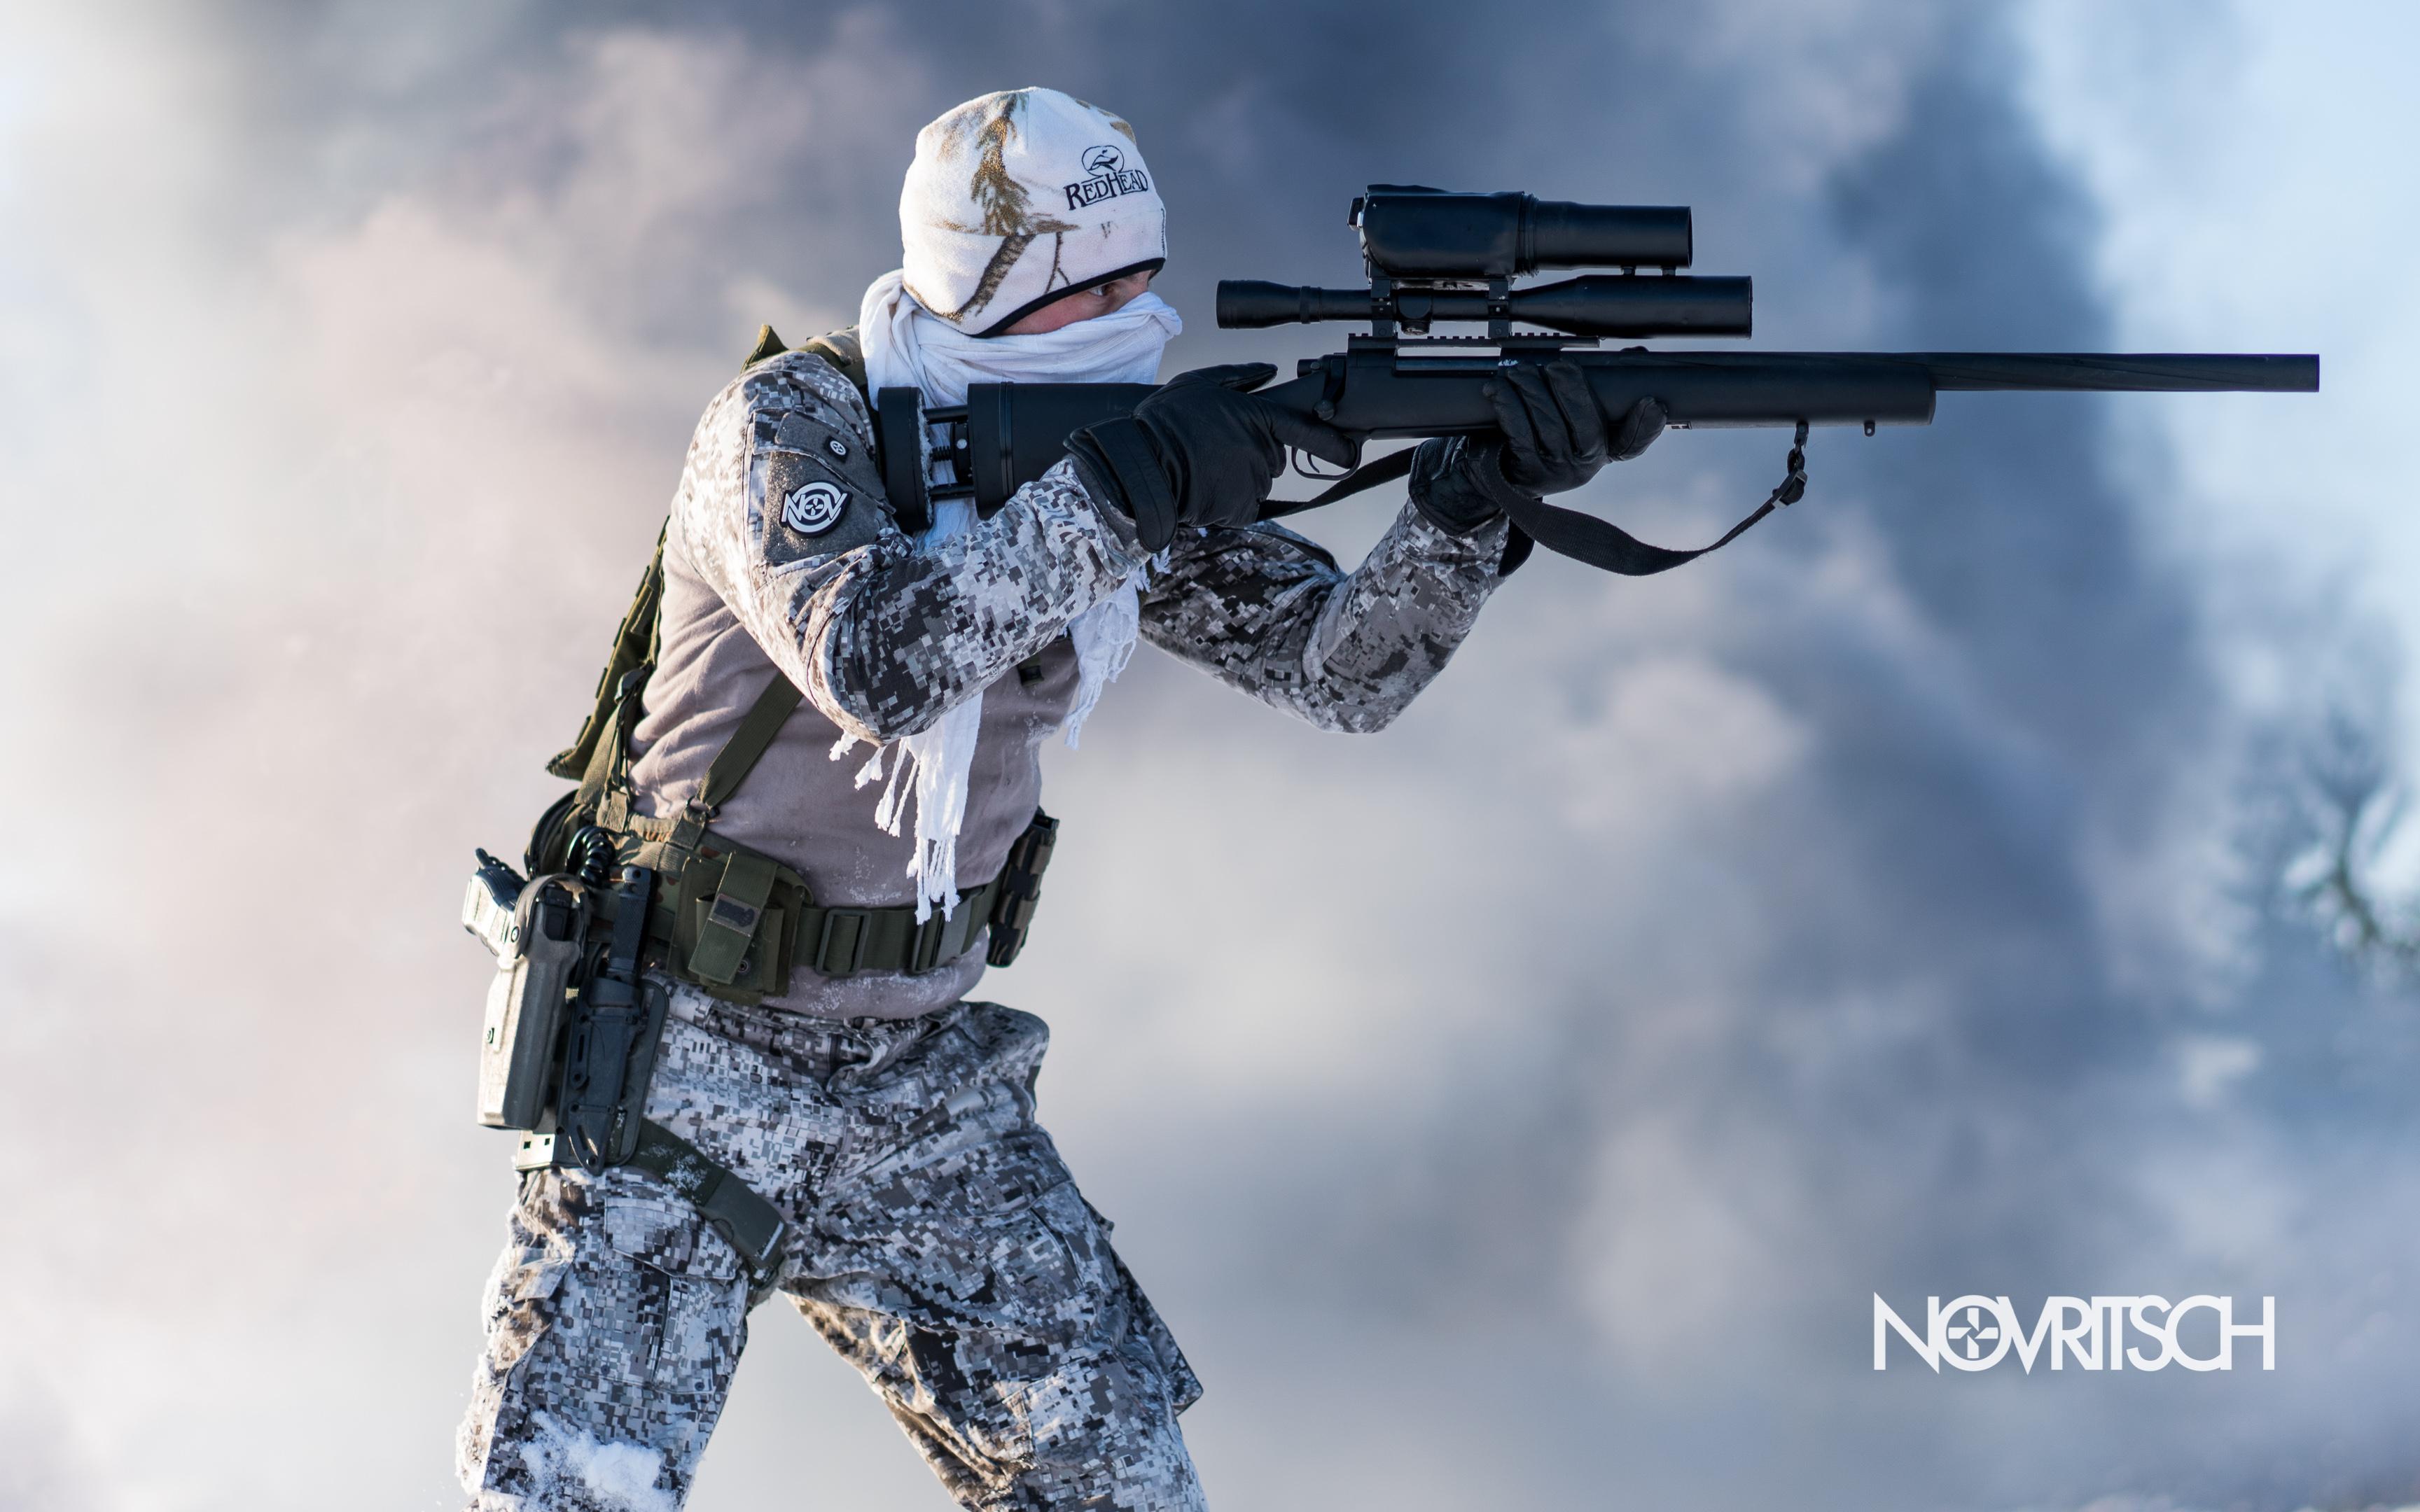 Wallpaper 03   Novritsch Airsoft Sniper 3456x2160